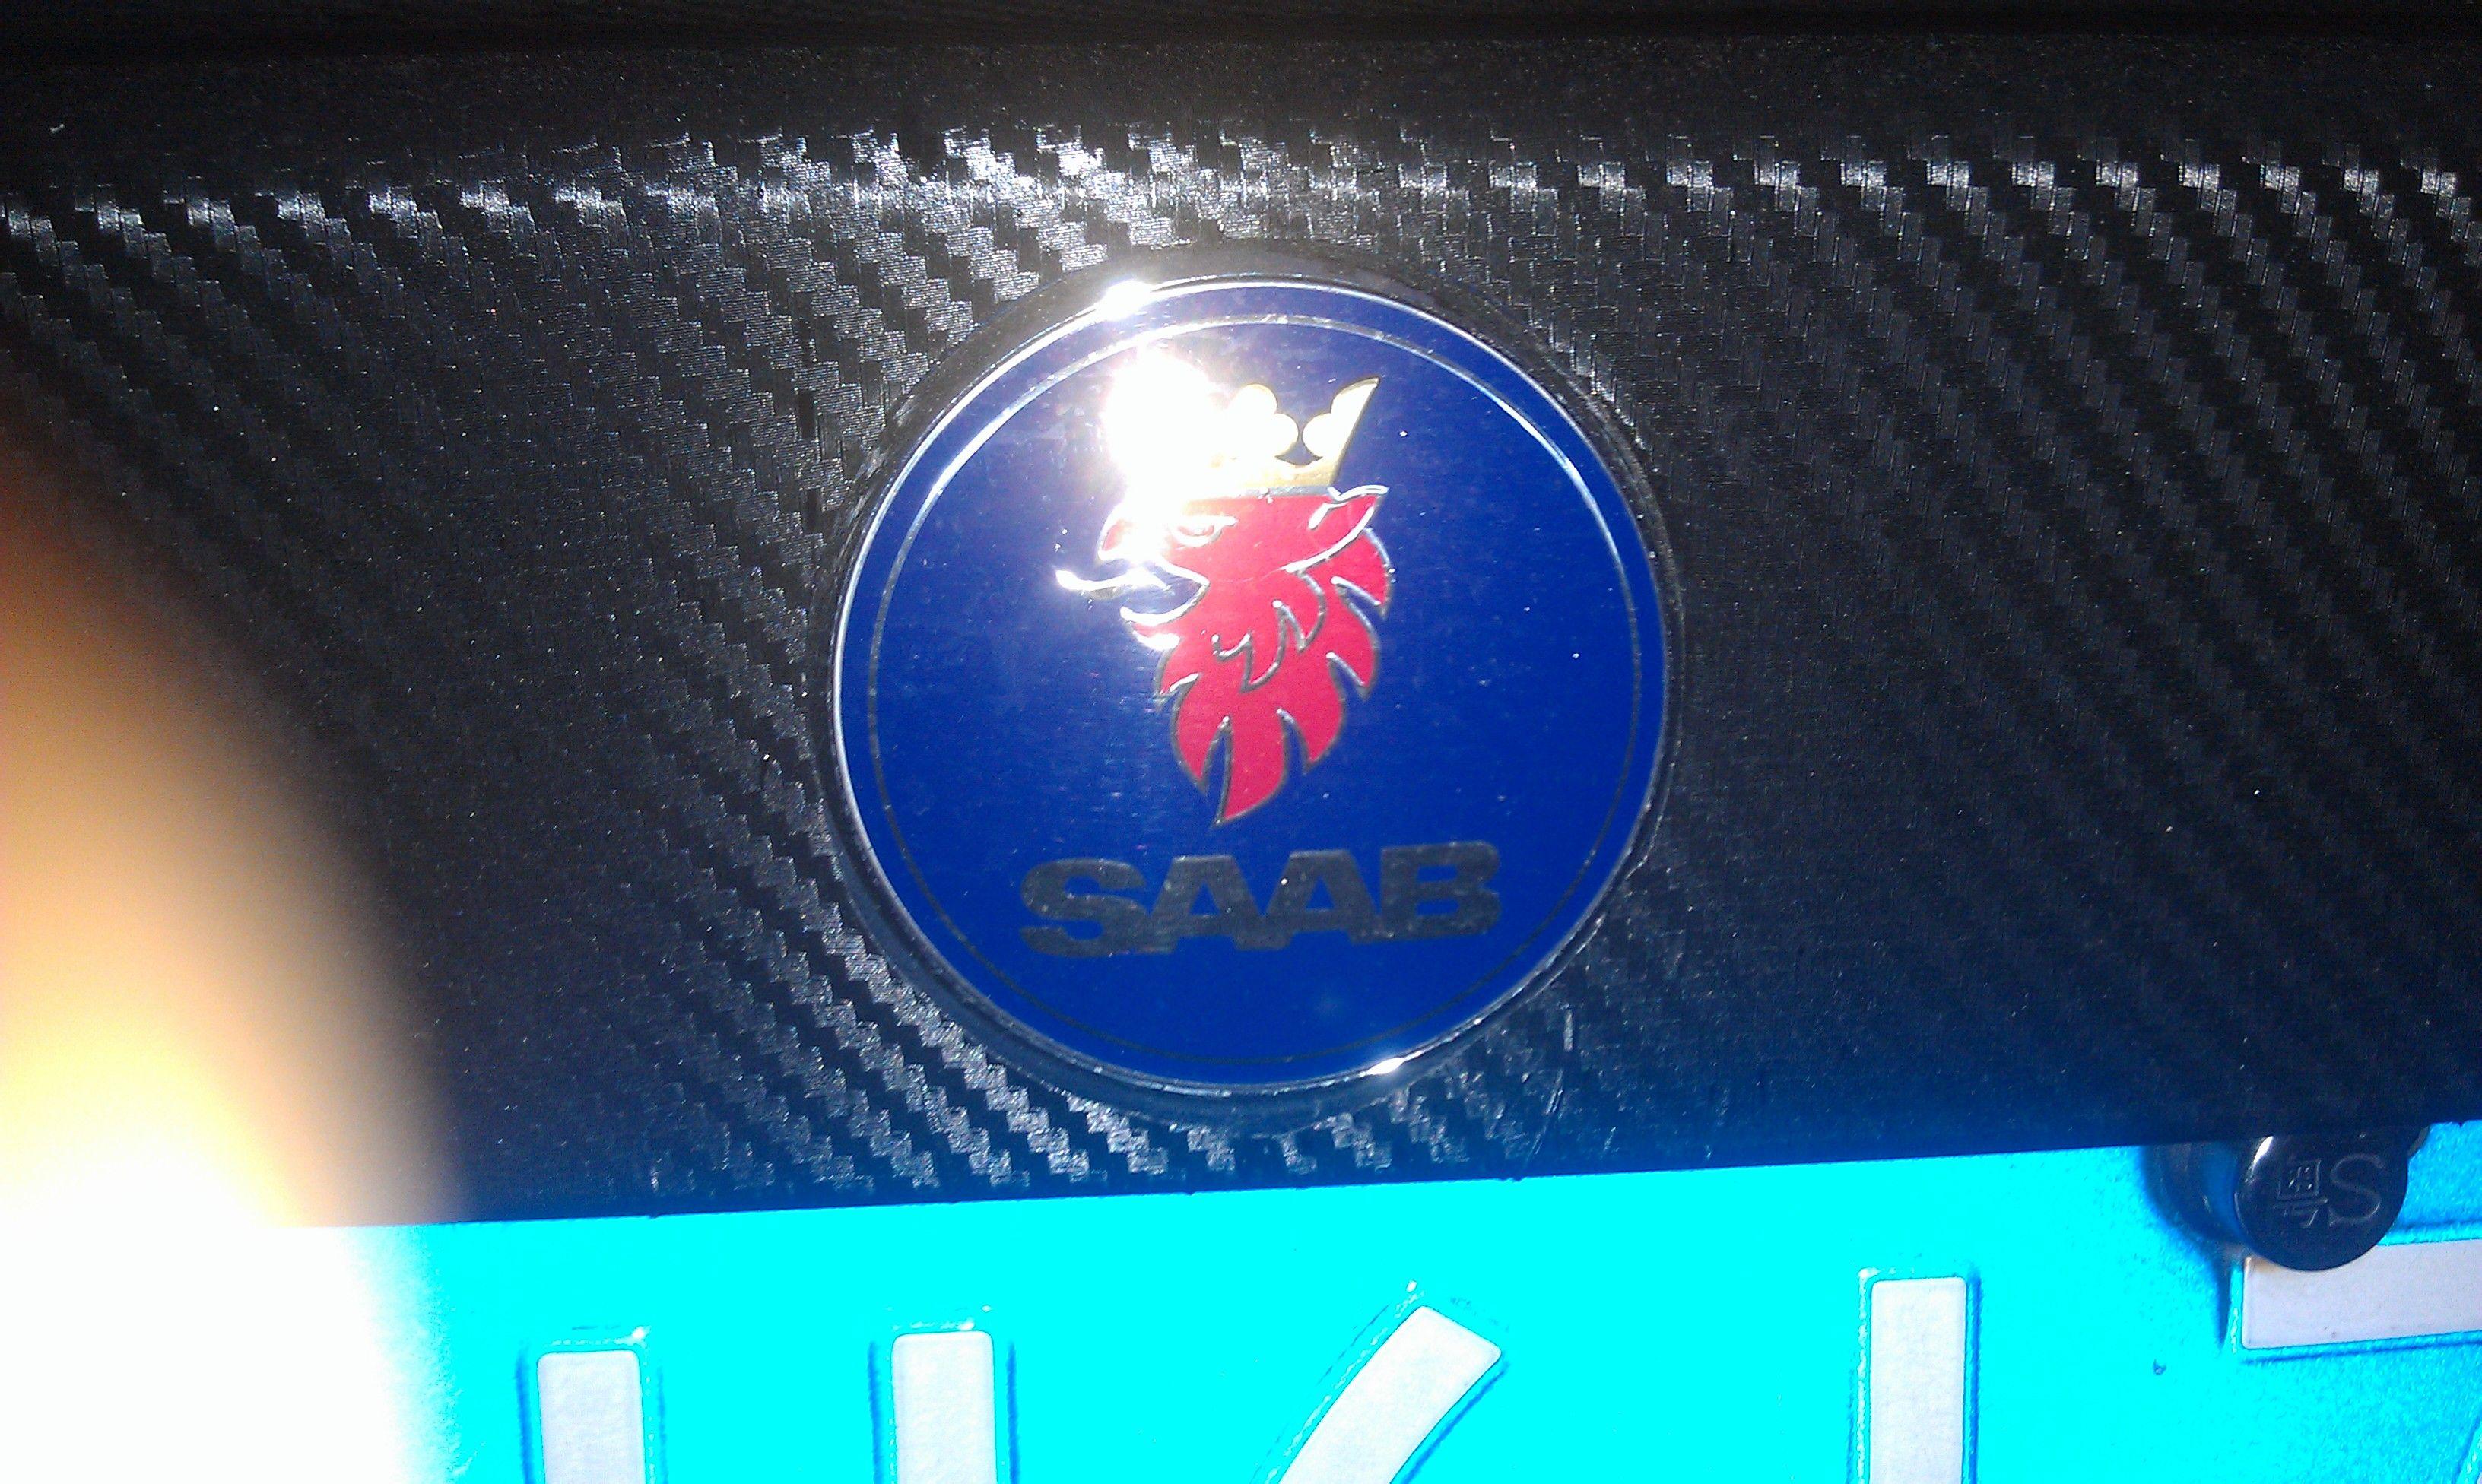 萨博公司由斯堪尼亚汽车公司和瑞典飞机有限公司 高清图片